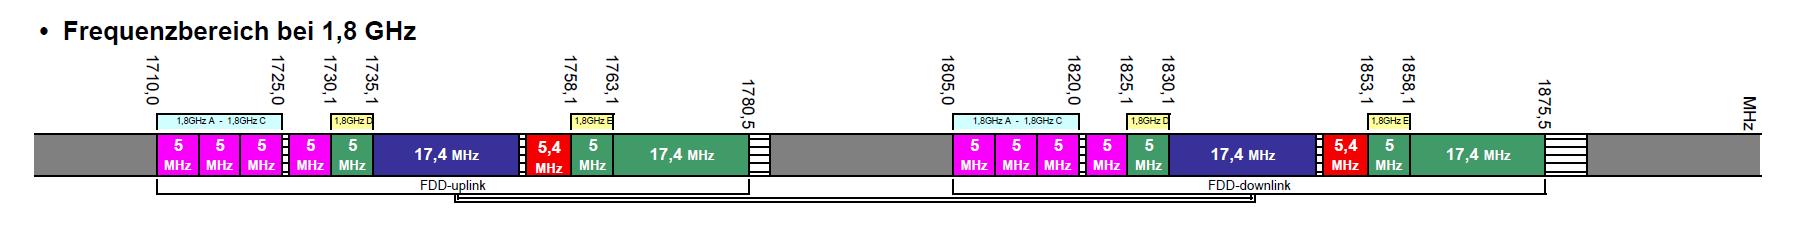 Frequenzverteilung im 1.800-Megahertz-Band